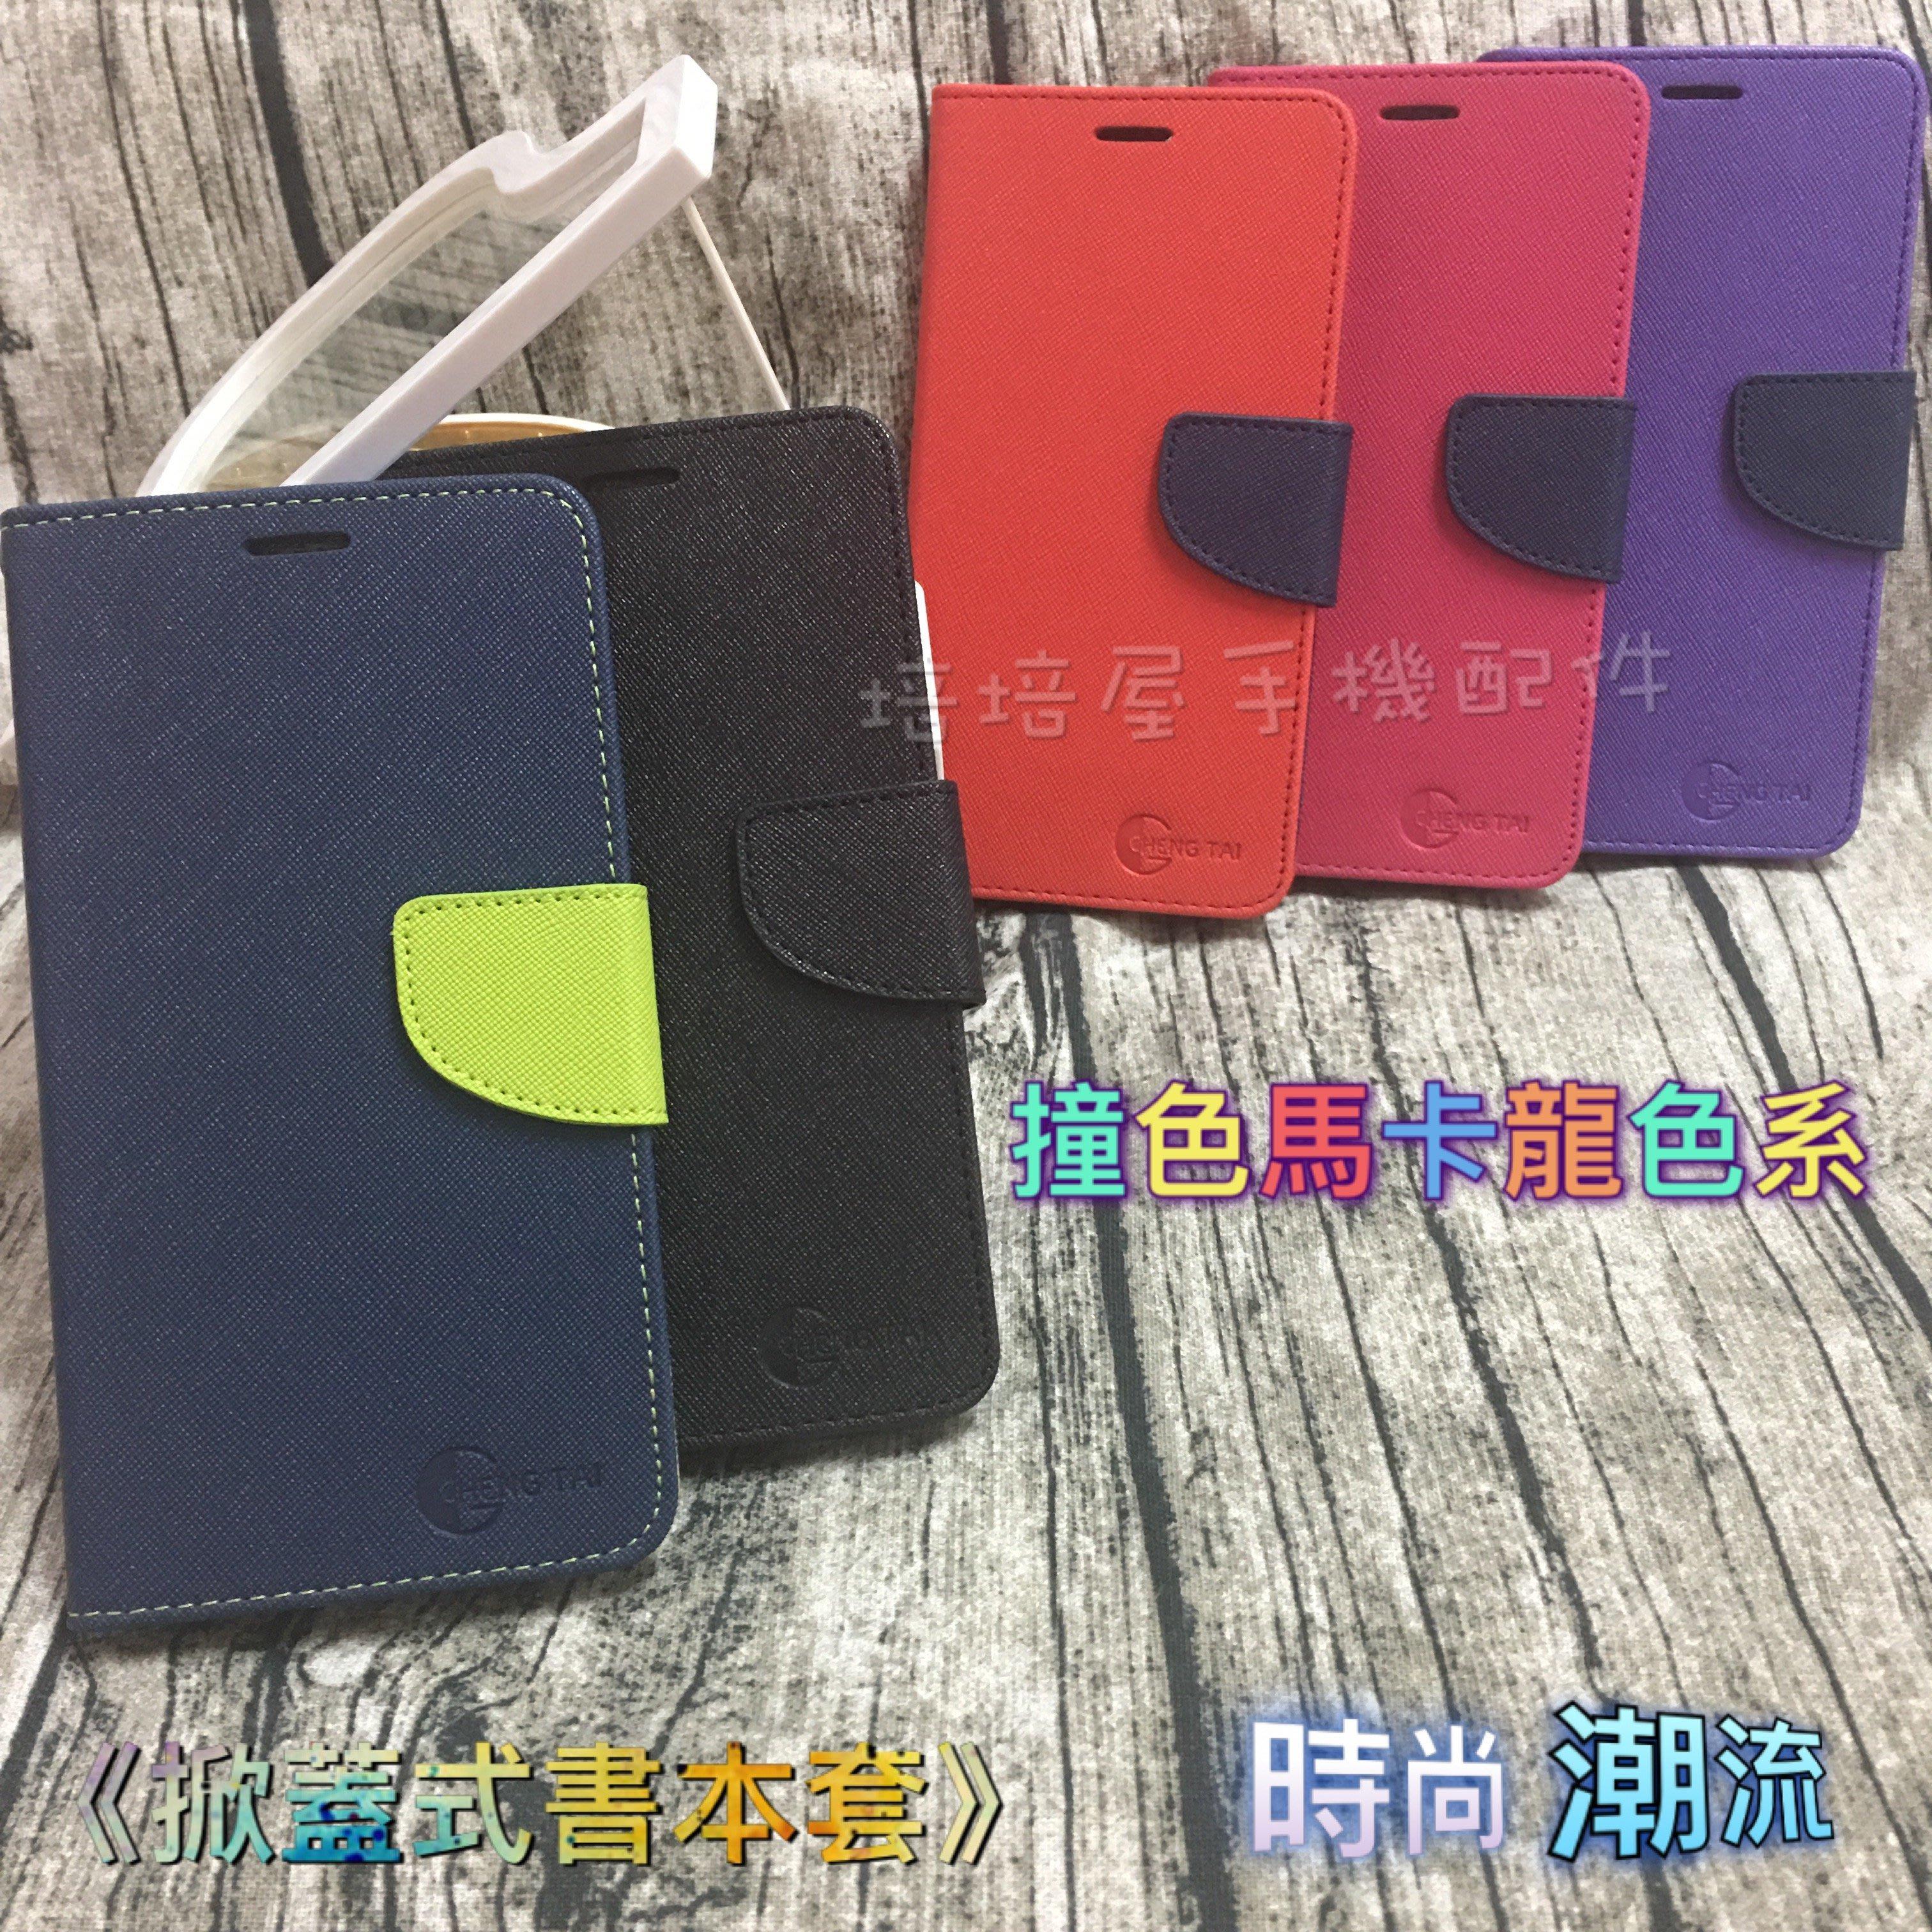 台灣大哥大 TWM Amazing A7《經典系列撞色款書本式皮套》側掀側翻蓋皮套手機套手機殼支架皮套保護套保護殼書本套